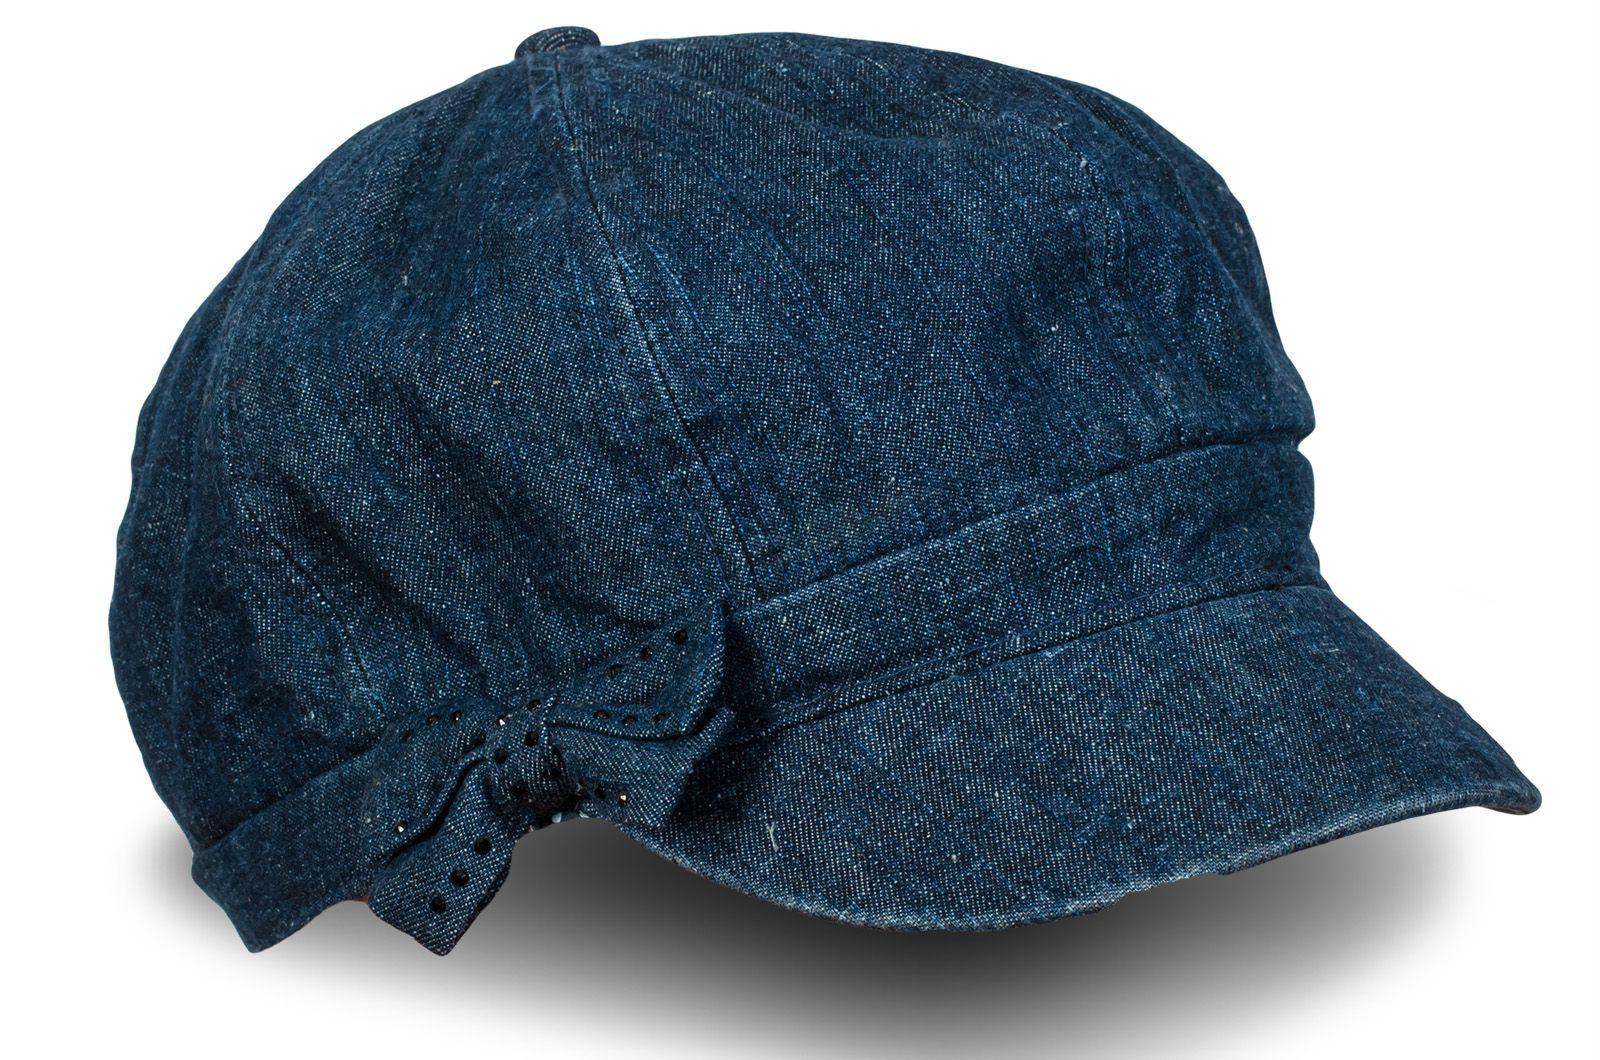 Женская кепка синий меланж - купить с доставкой